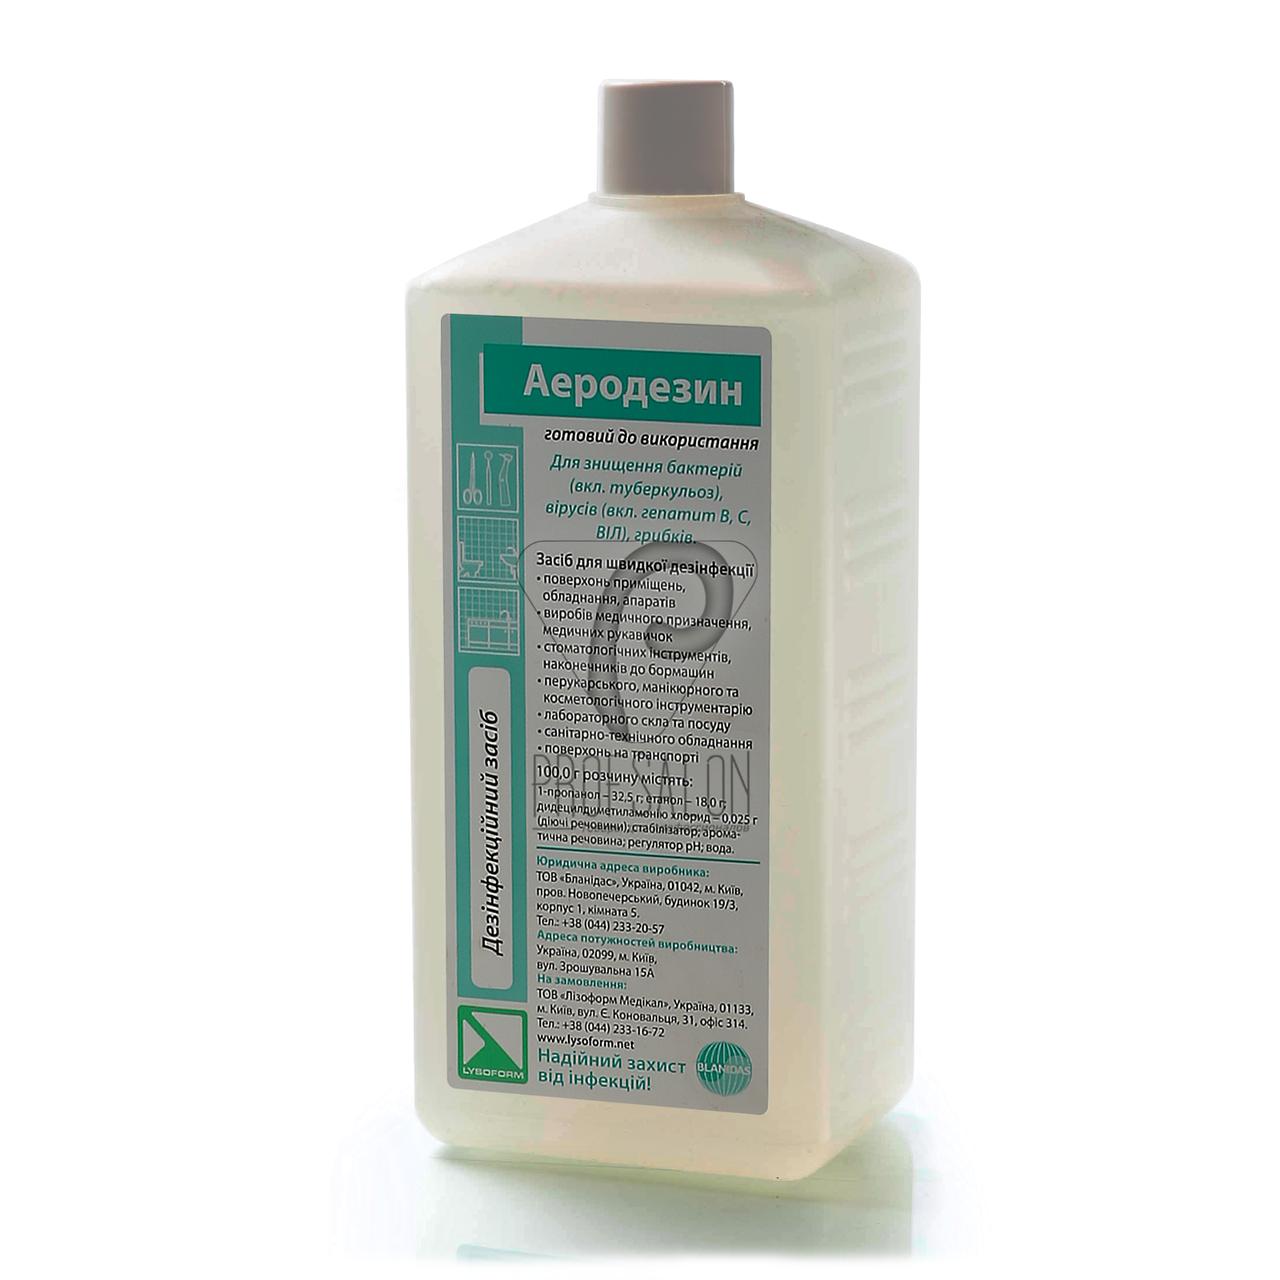 Аэродезин 1 литр, дезинфицирующие средства для труднодоступных поверхностей и оборудования